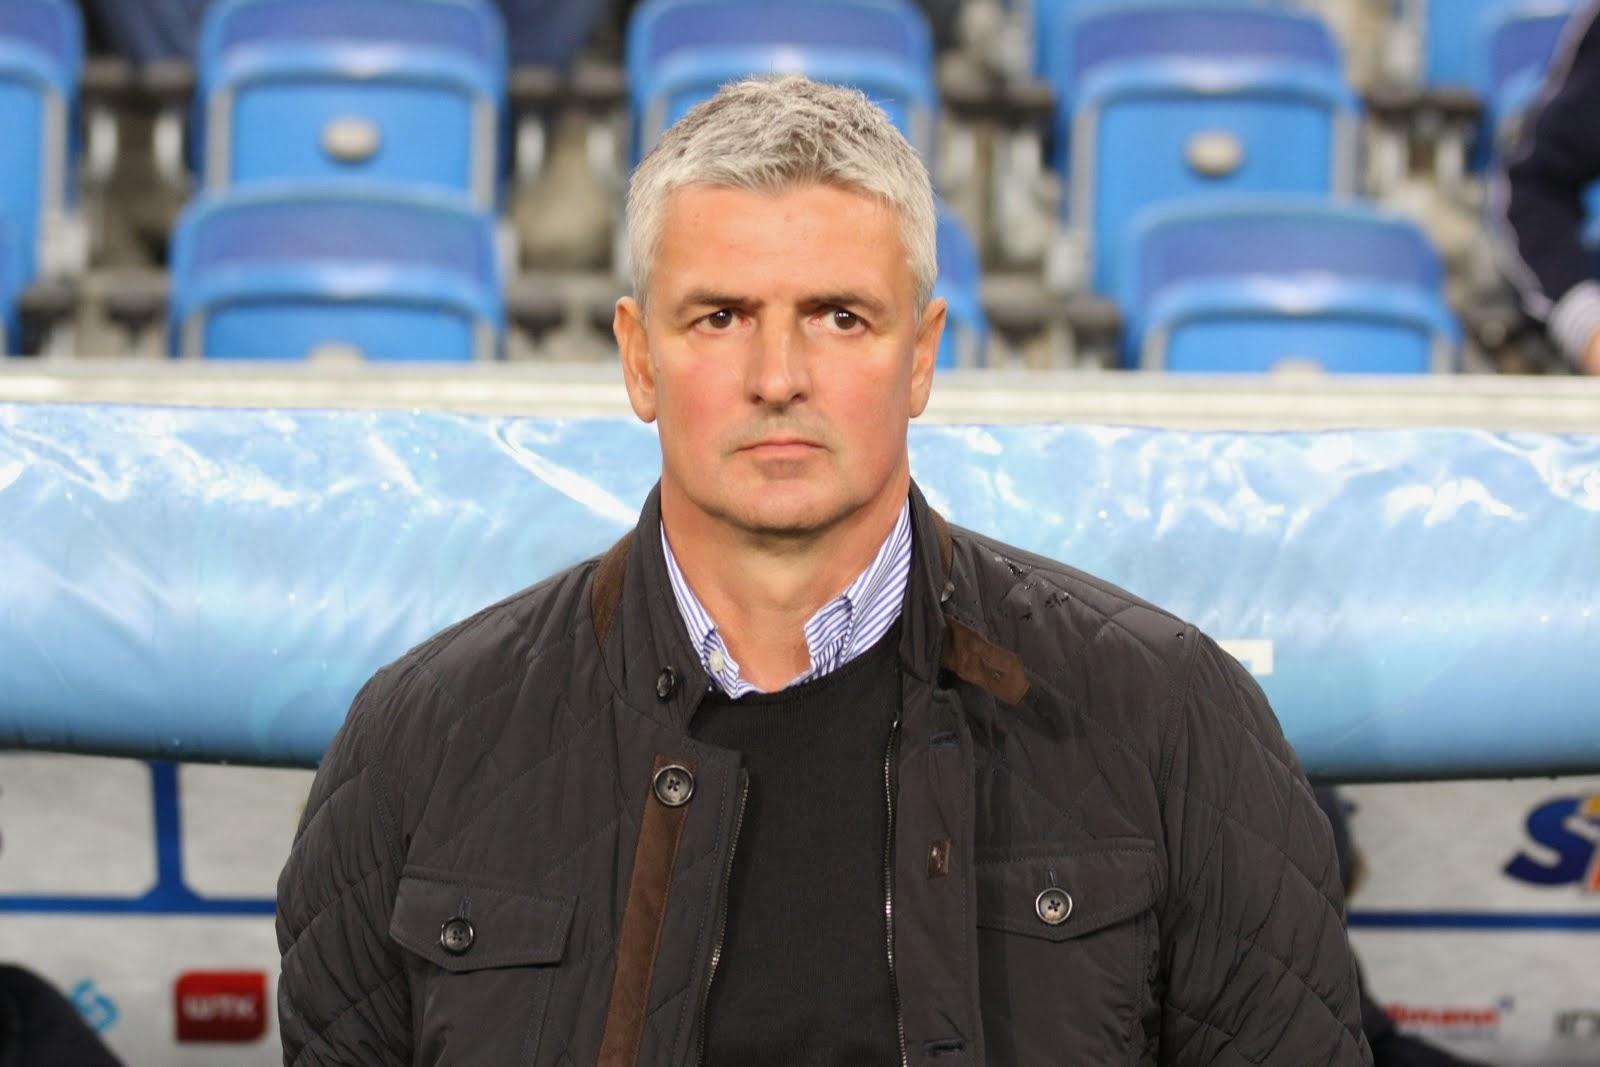 Wisła Kraków coach Dariusz Wdowczyk